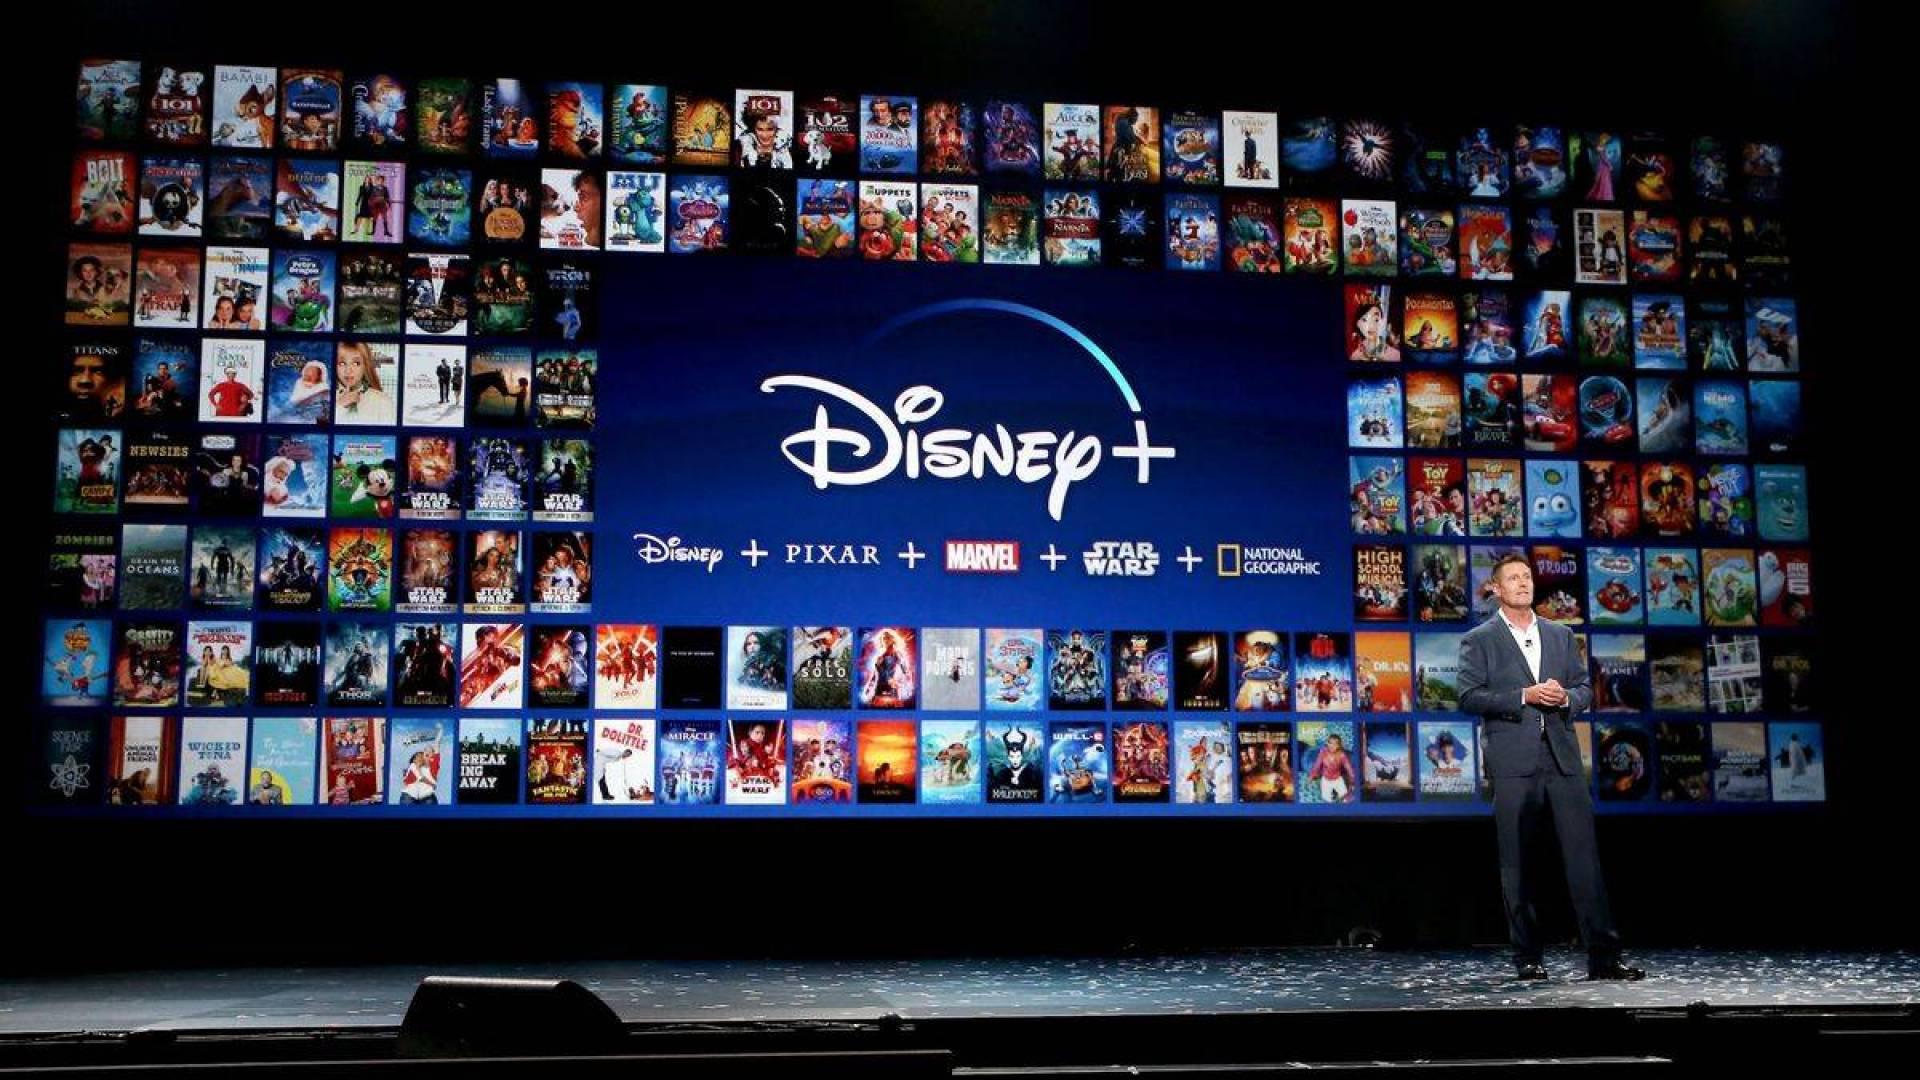 تقديم موعد إطلاق «DisneyPlus» في أوروبا إلى 24 مارس